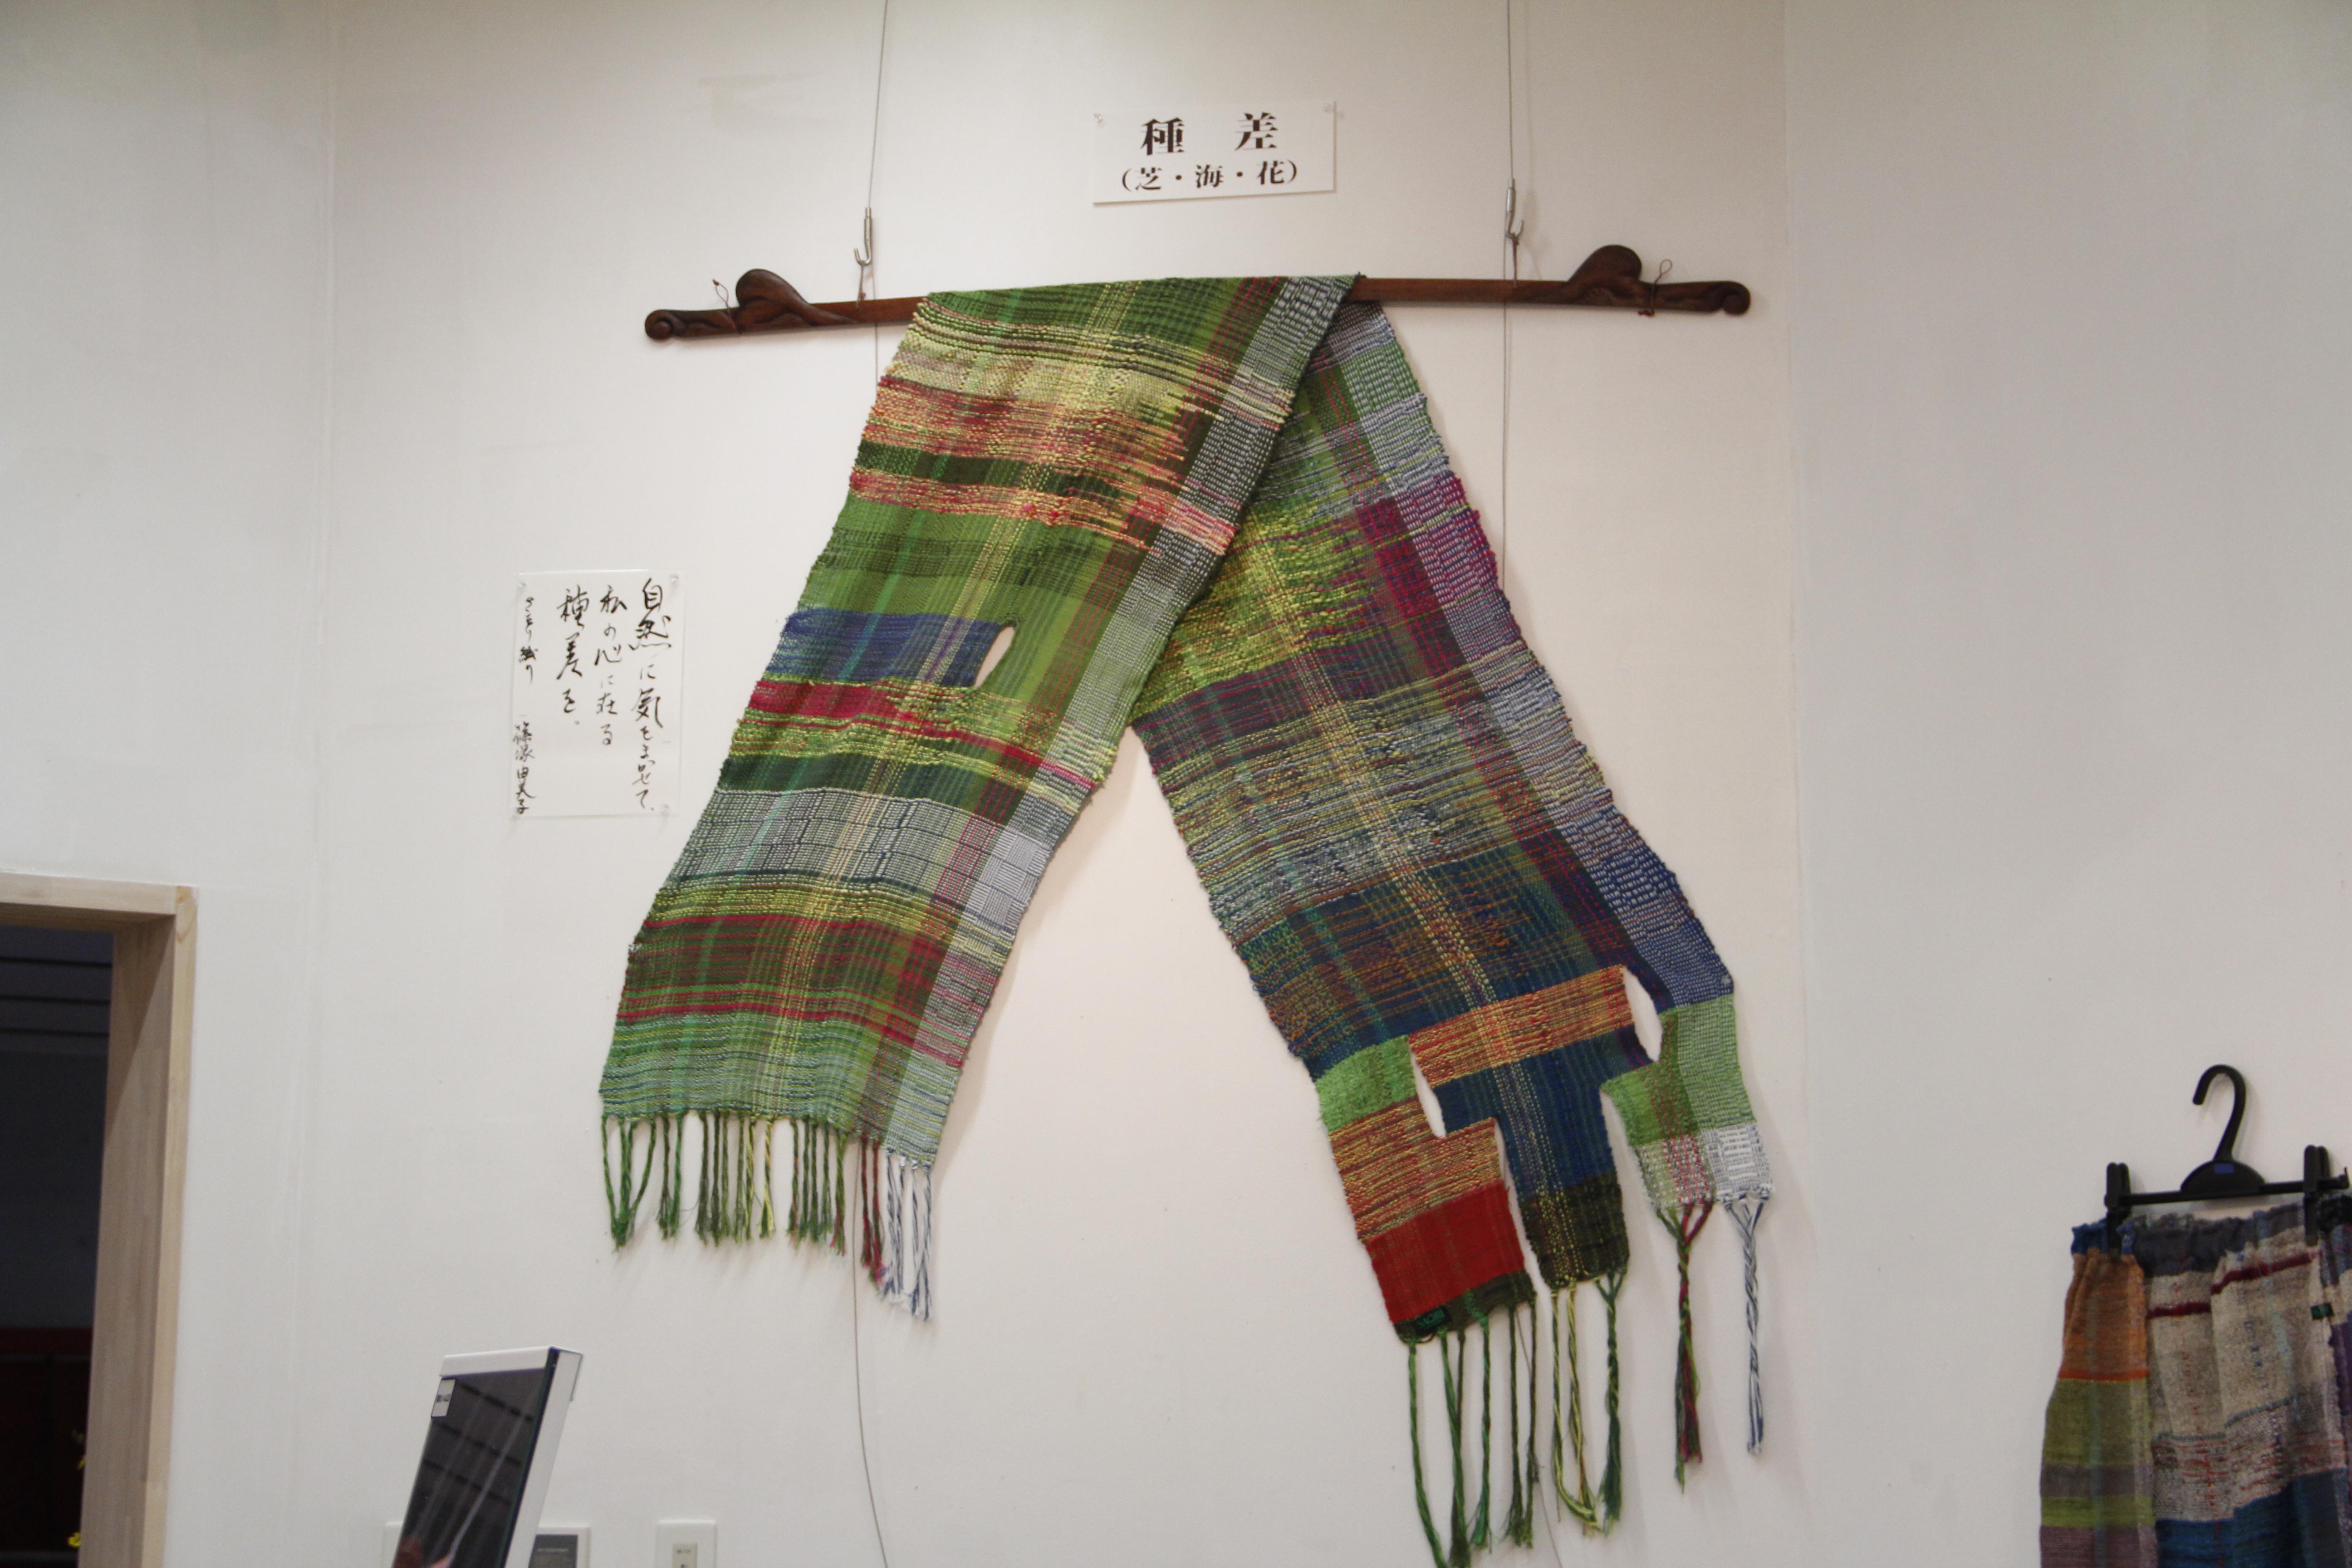 http://hacchi.jp/blog/upload/images/_MG_4338.JPG